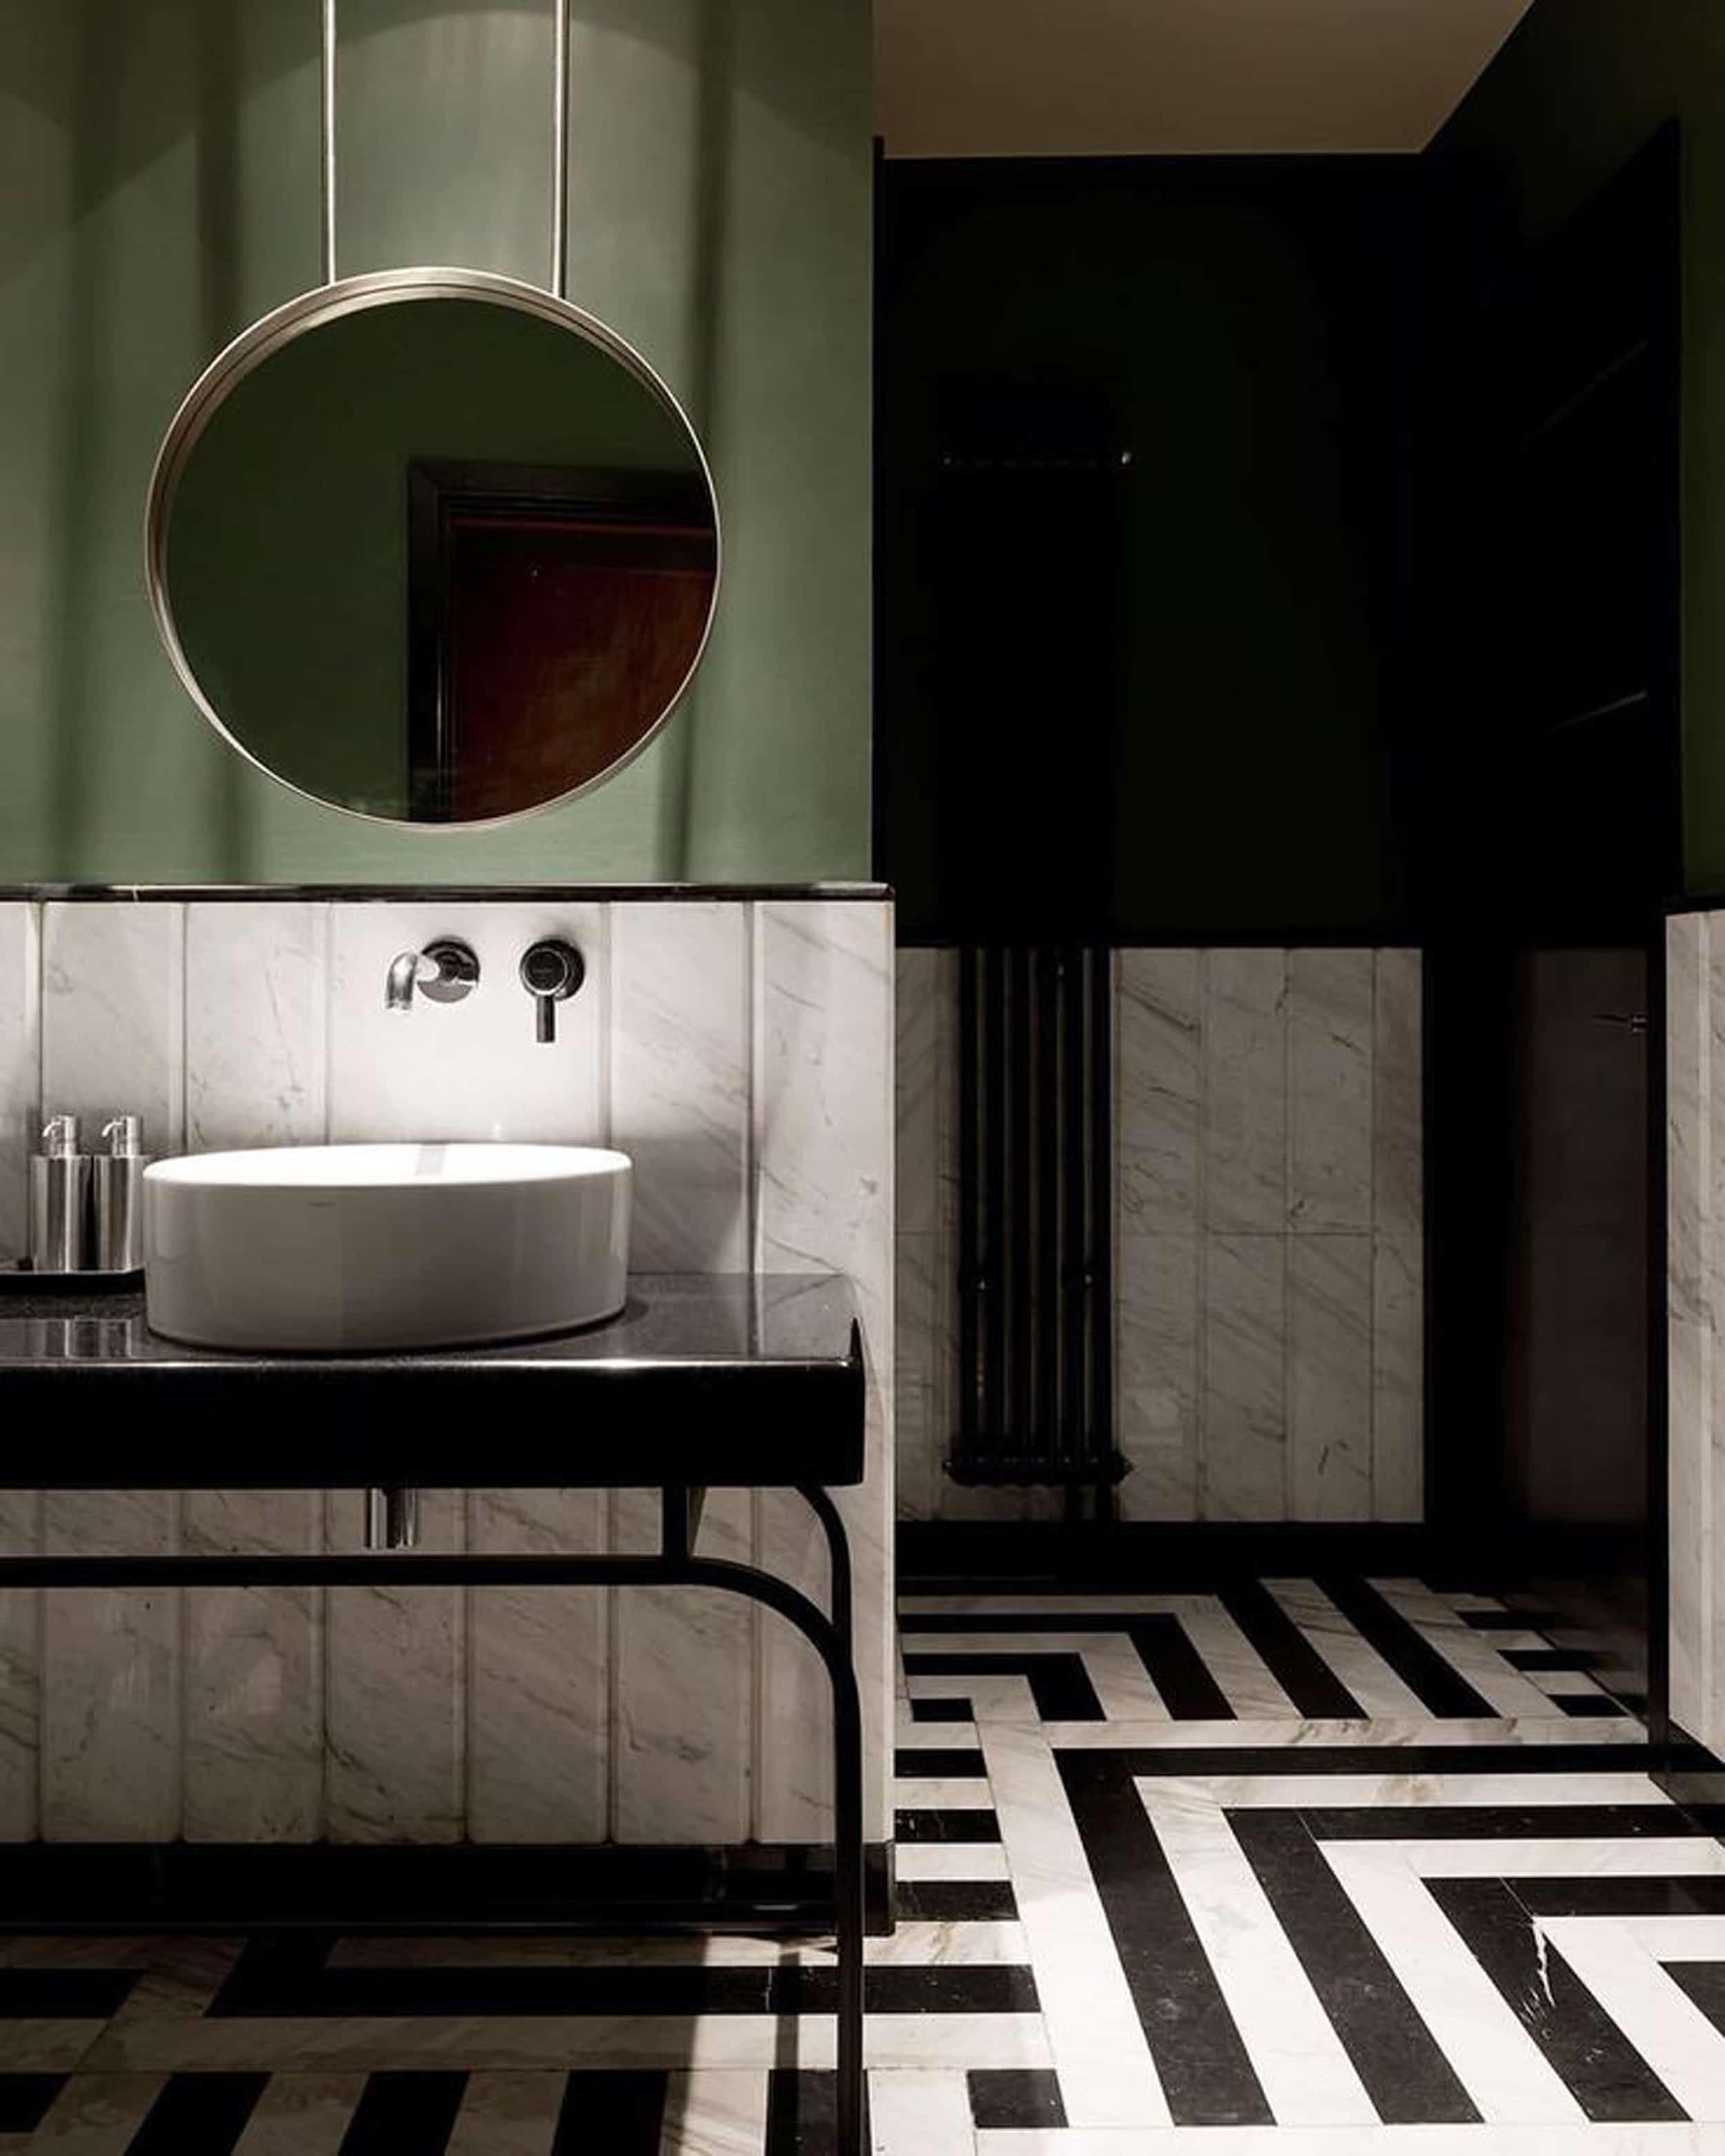 green bathroom modern black and white tile floors